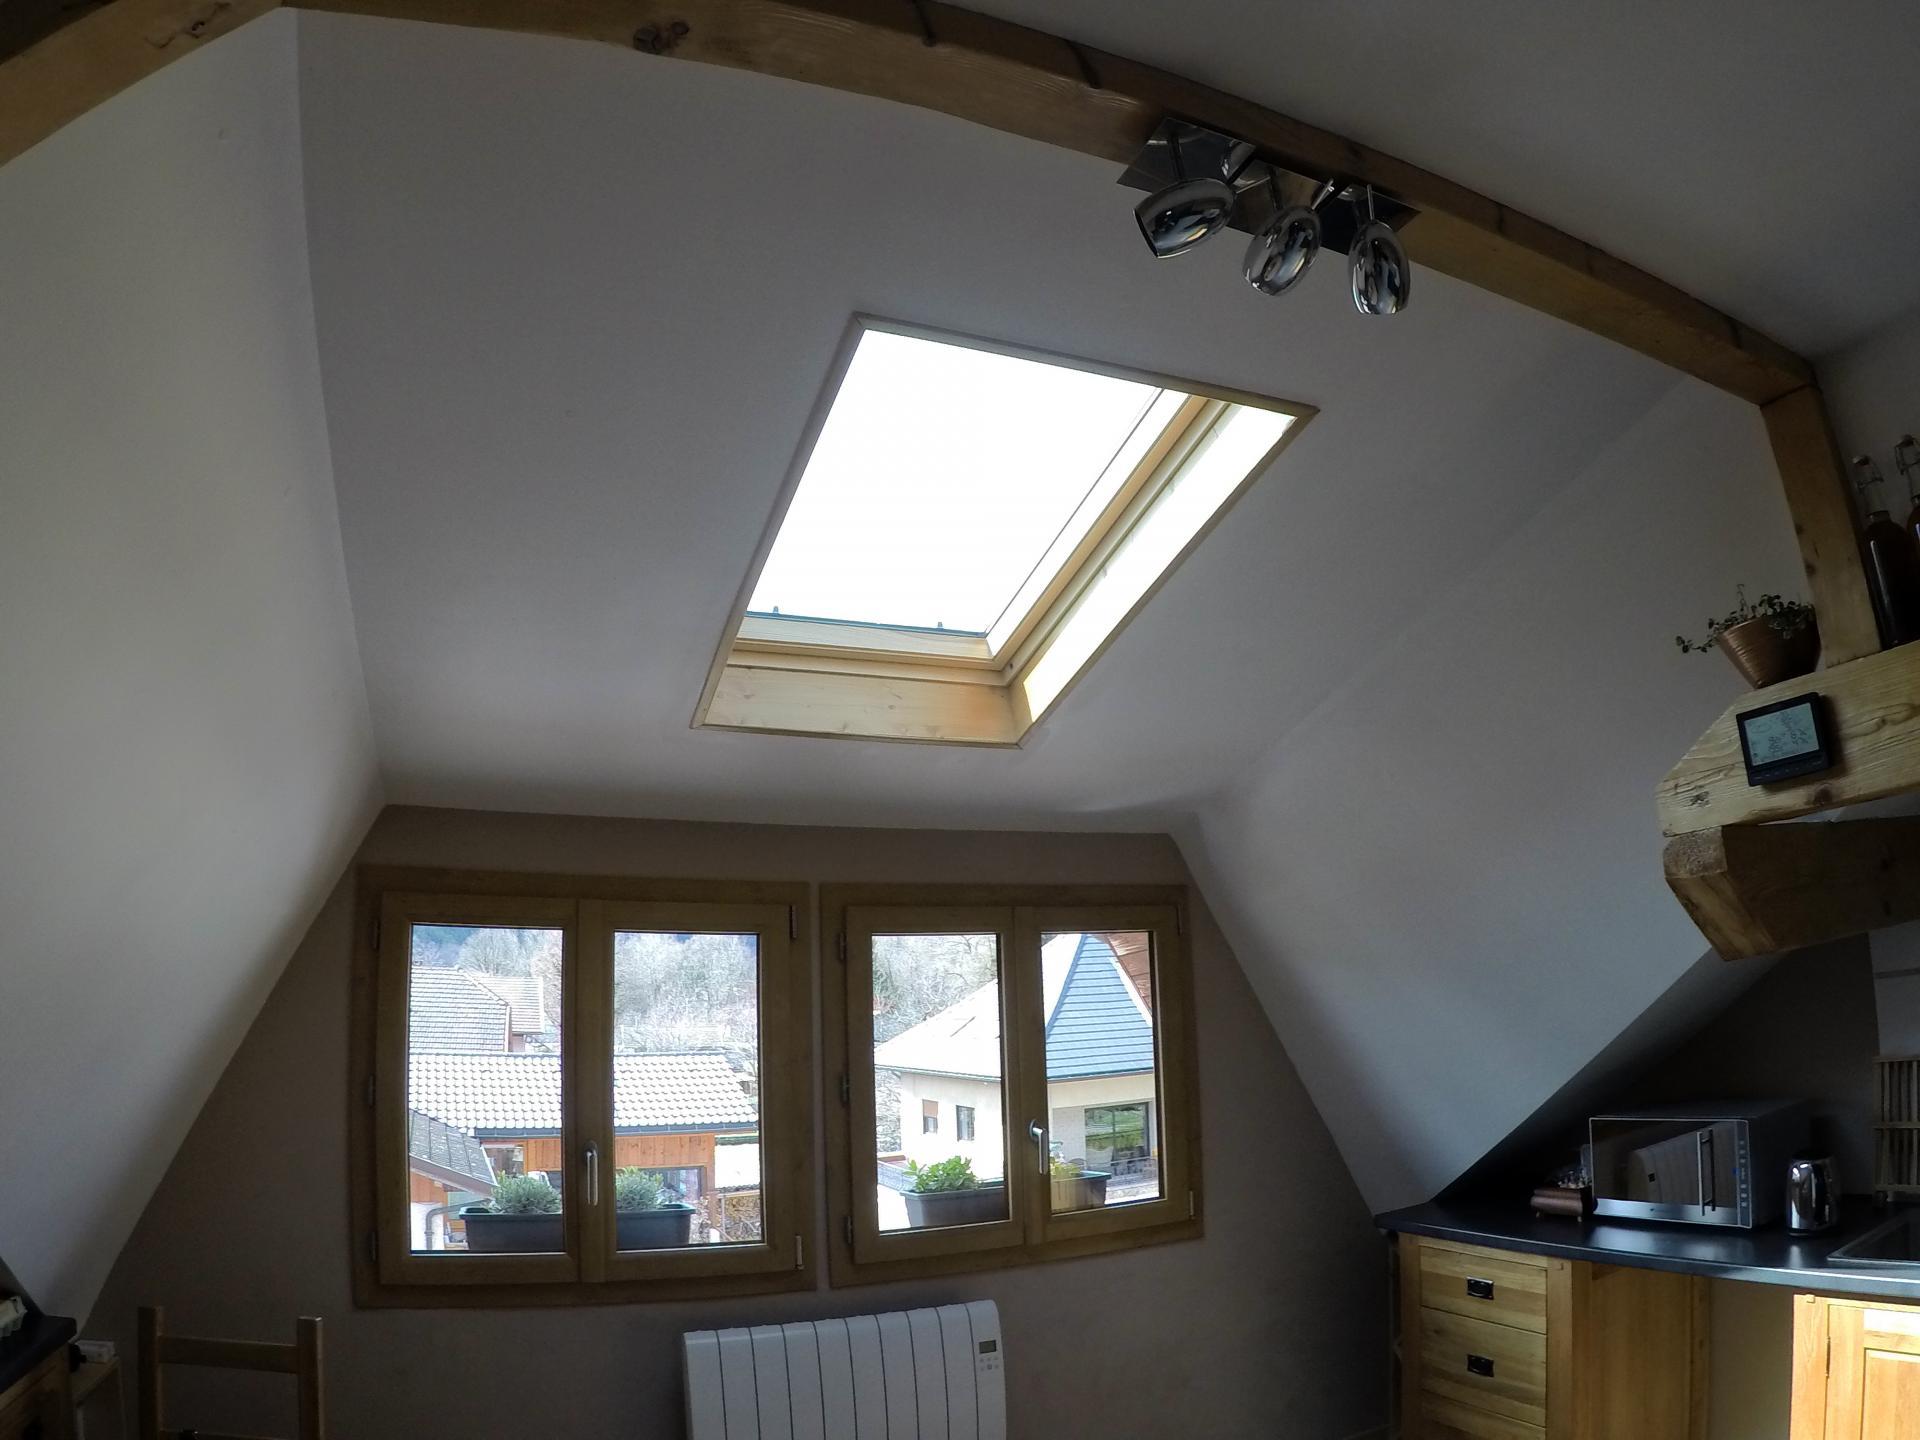 la fenêtre de toit permet de faire rentrer de la lumière  dans la cuisine